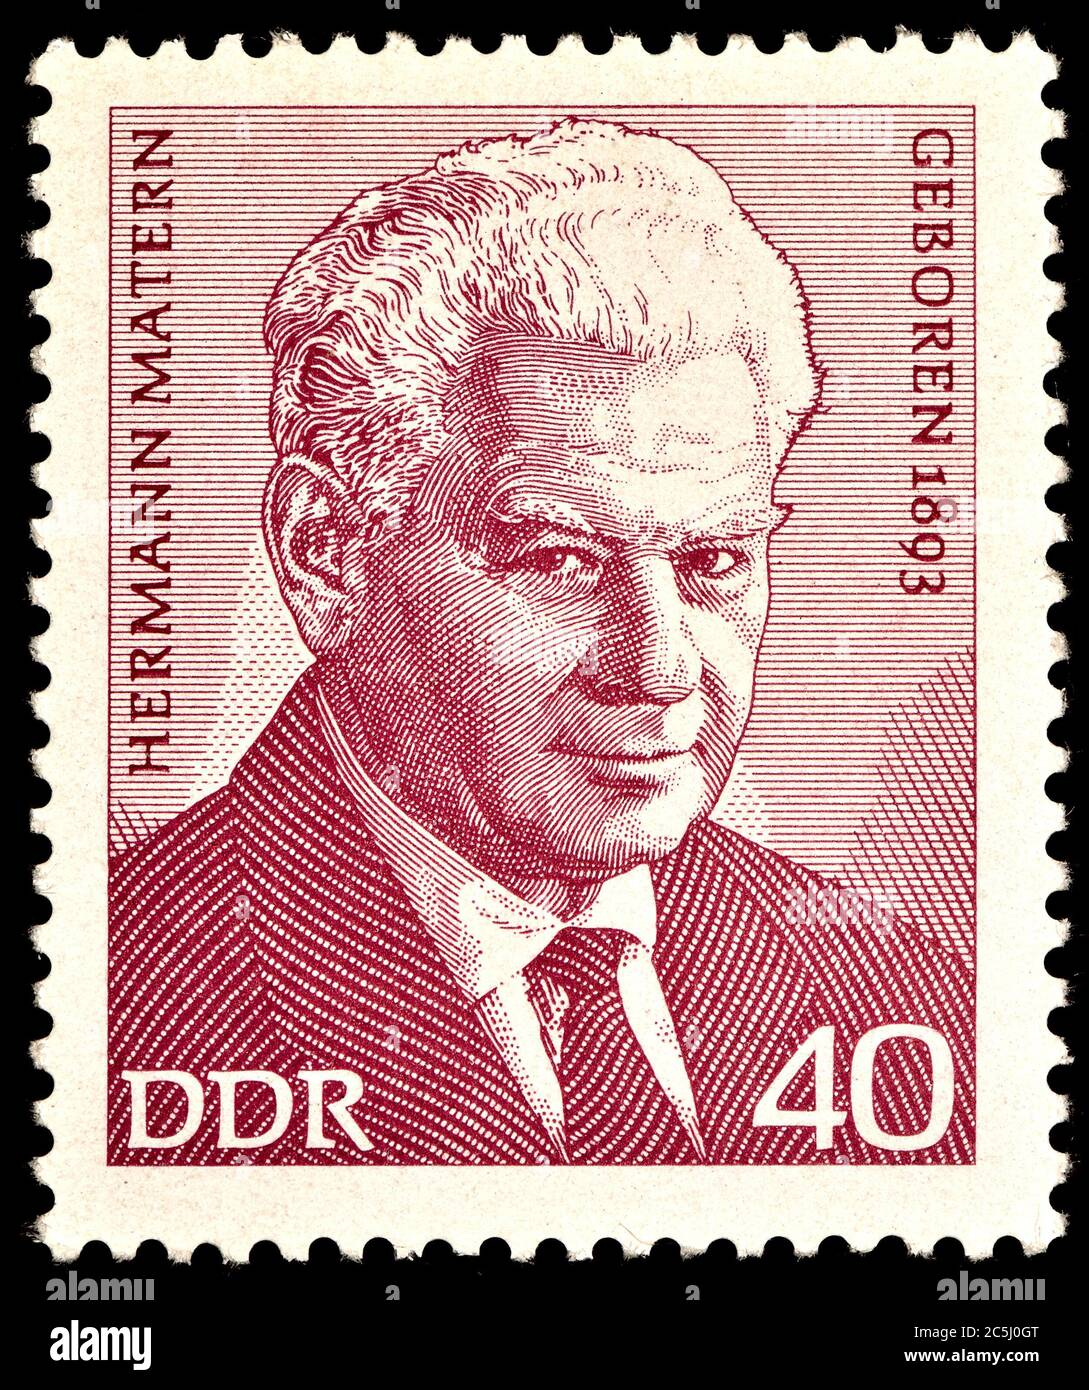 Sello de franqueo de Alemania Oriental (1973) : Hermann Matern (1893 - 1971) político de Alemania Oriental Foto de stock